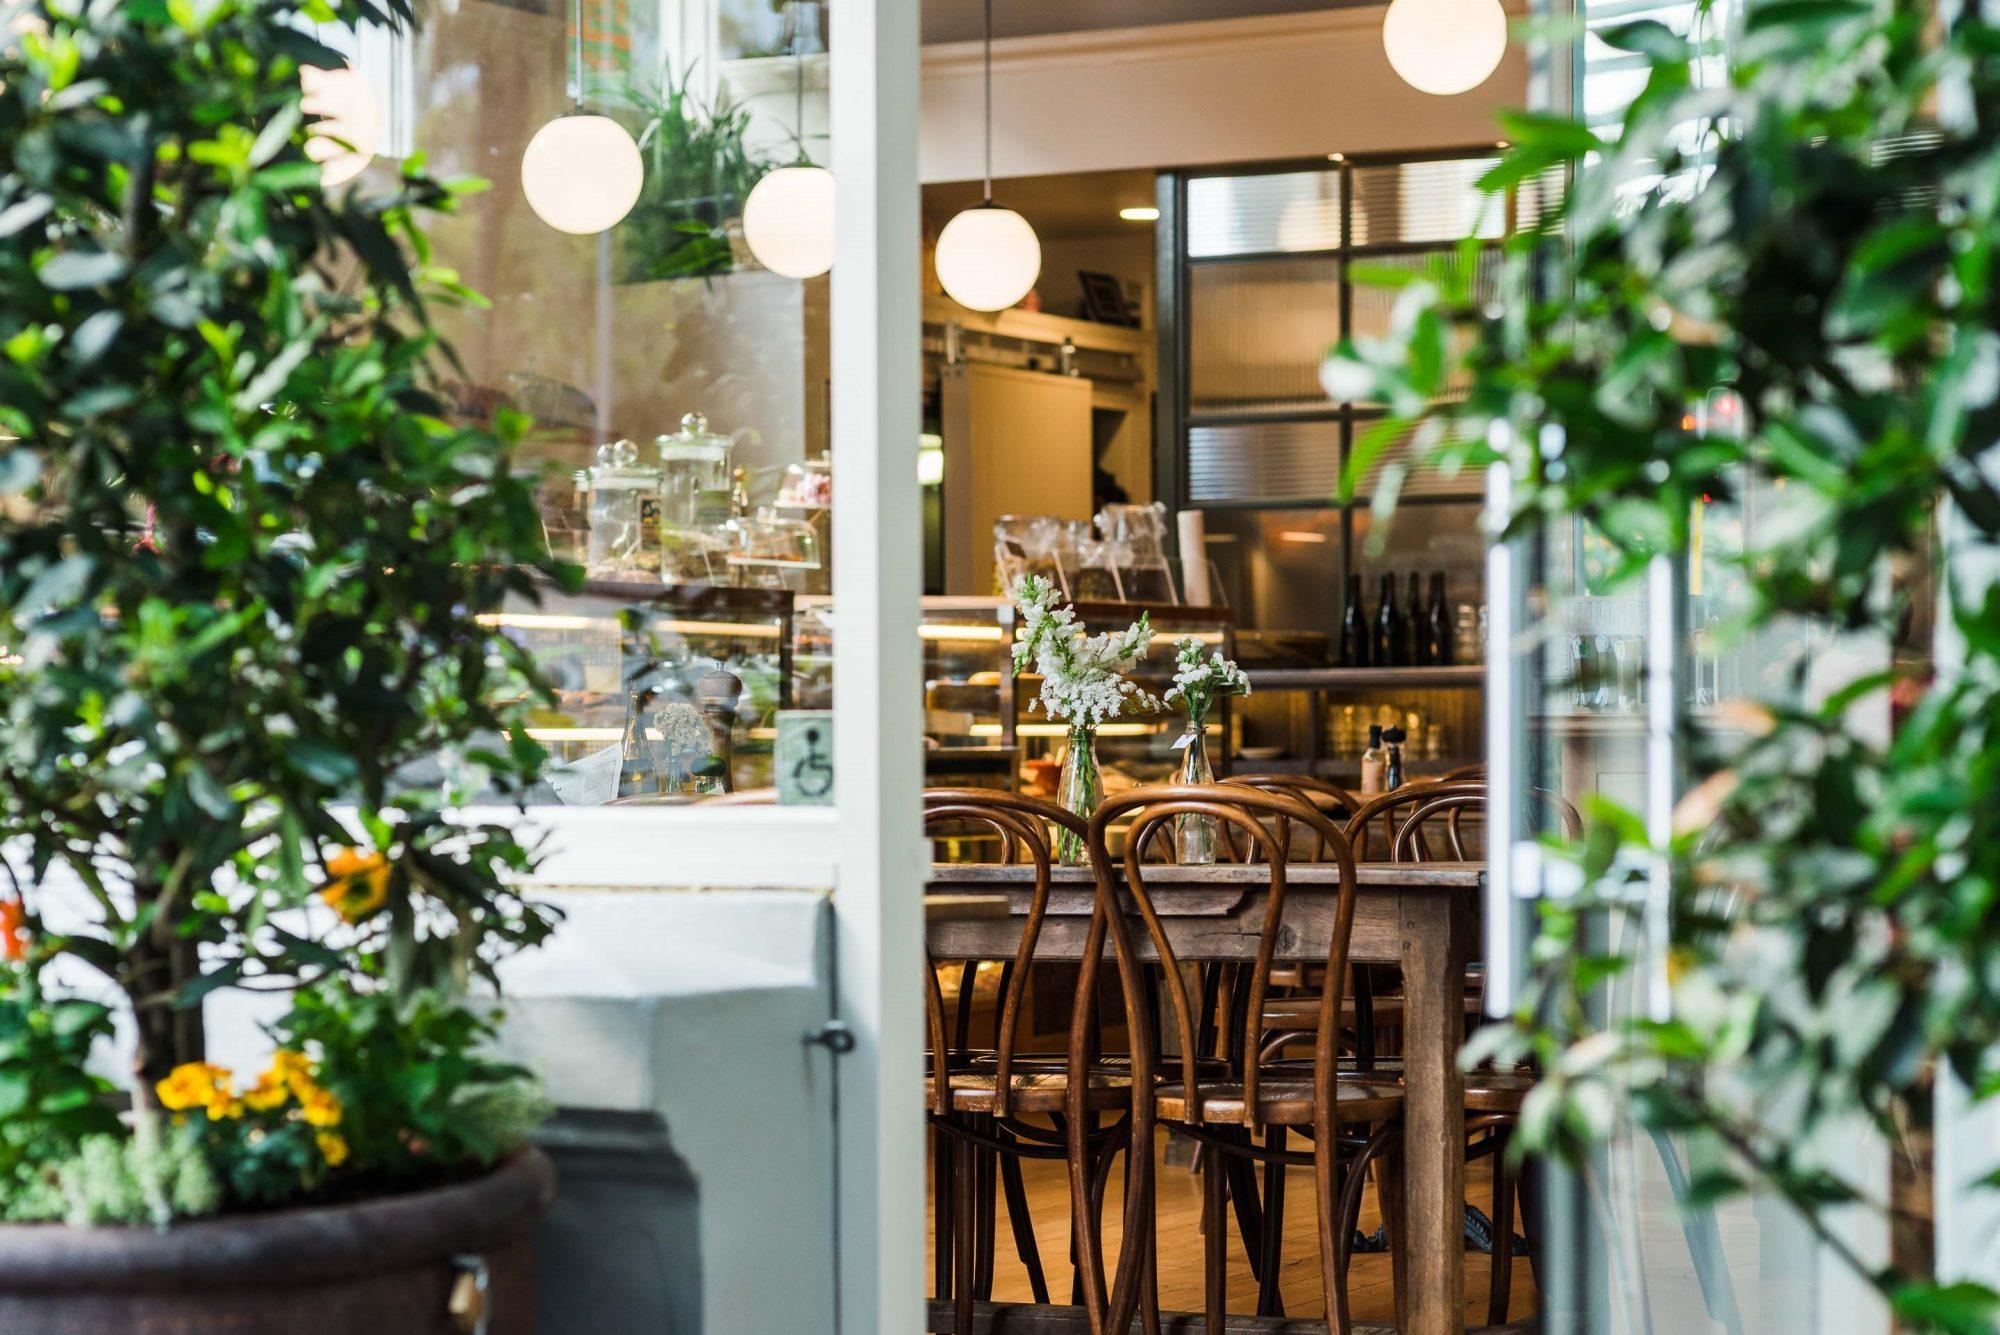 Entry into a cafe